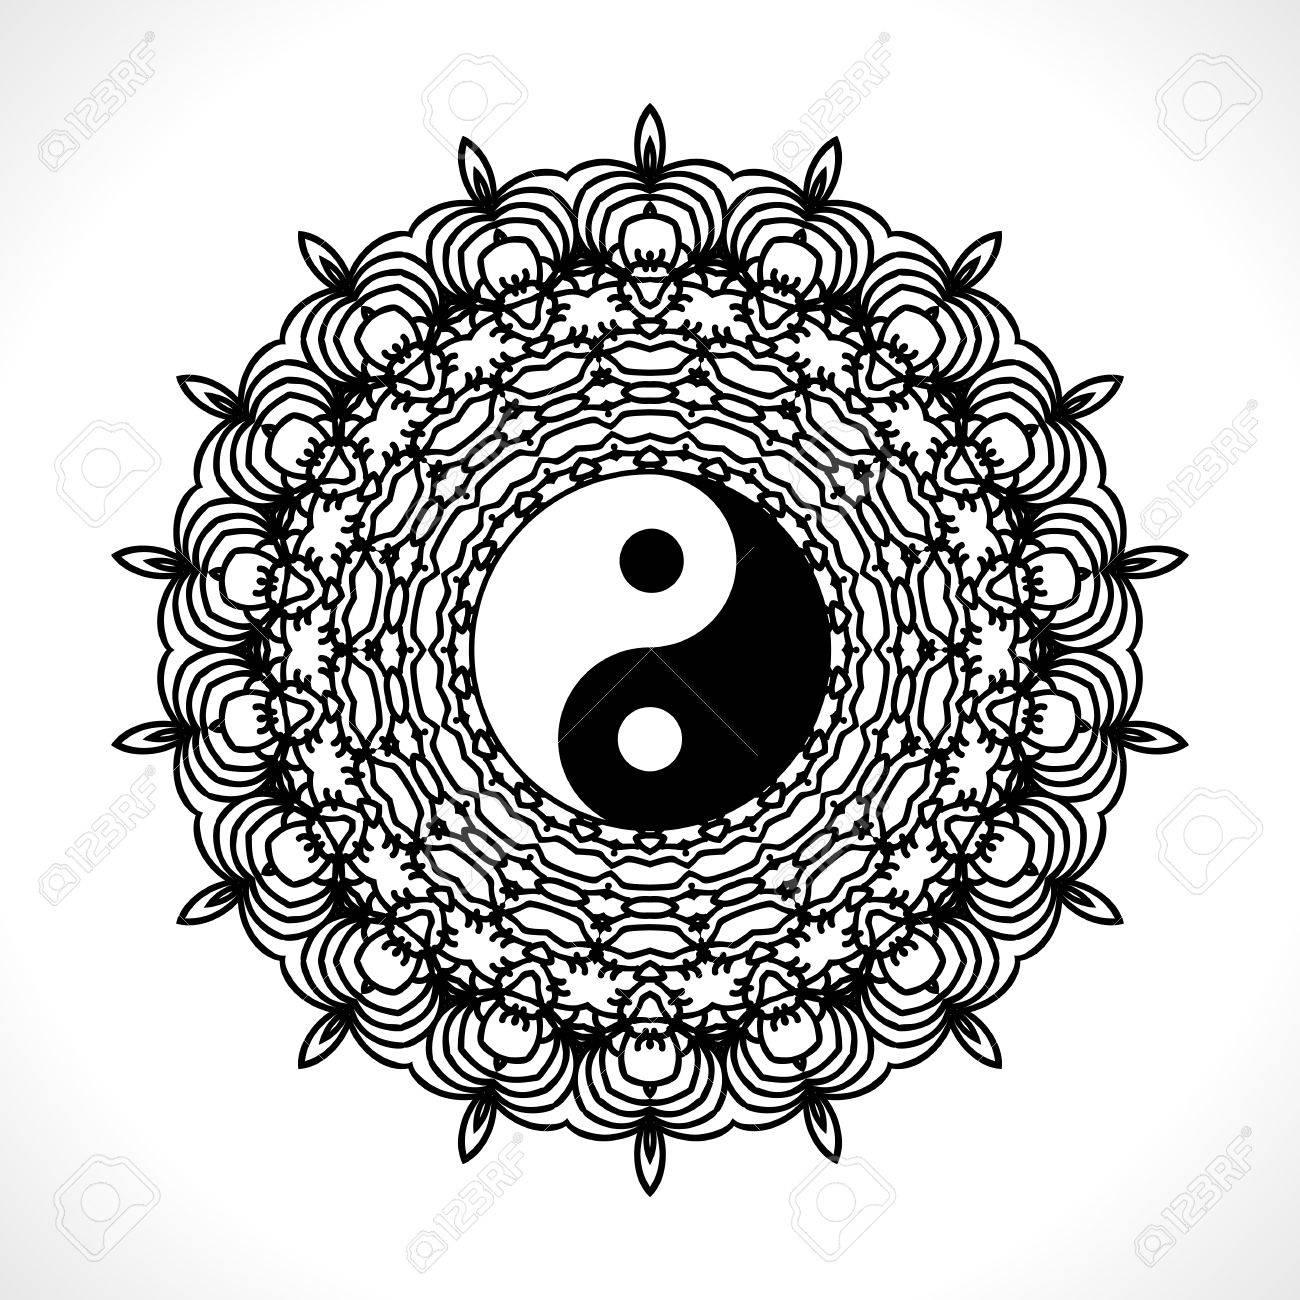 Mandala De La Flor Del Vector Con El Símbolo De Yin Yang Para El ...